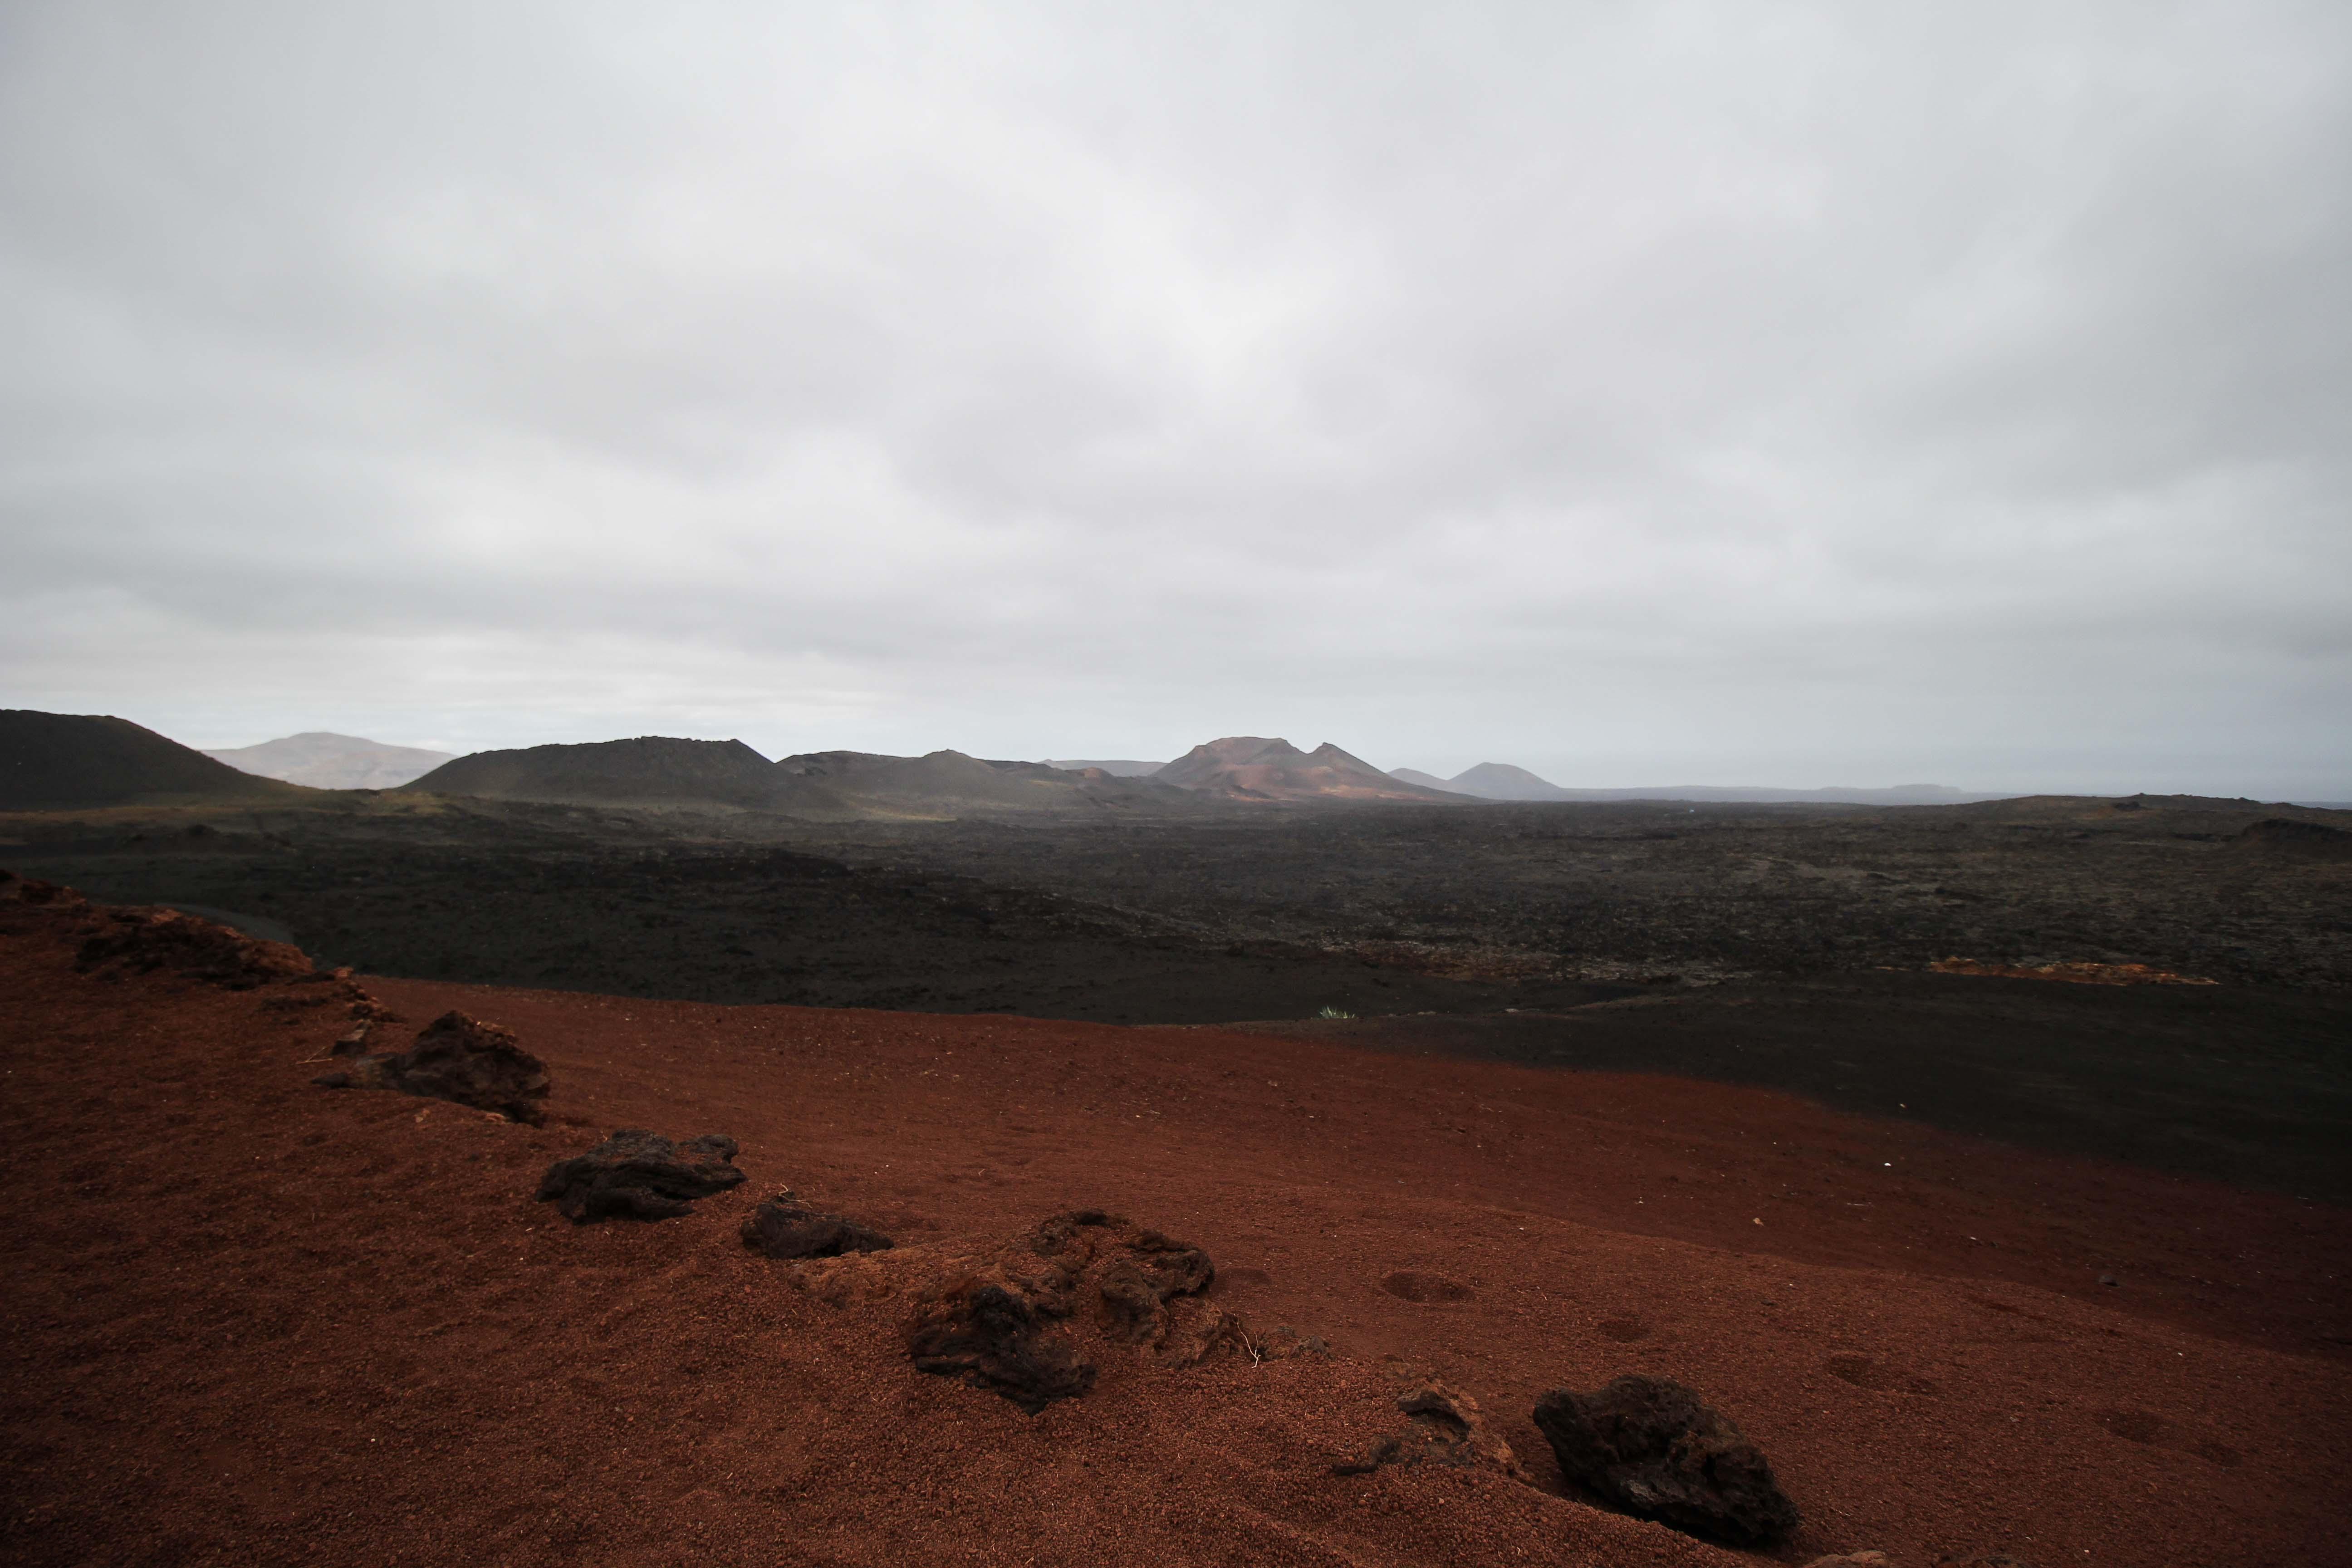 Timanfaya National Park Vulkanlandschaft die Feuerberge Lava Asche Top 10 Tipps Lanzarote Sehenswürdigkeiten Insider Tipps Lanzarote Spanien